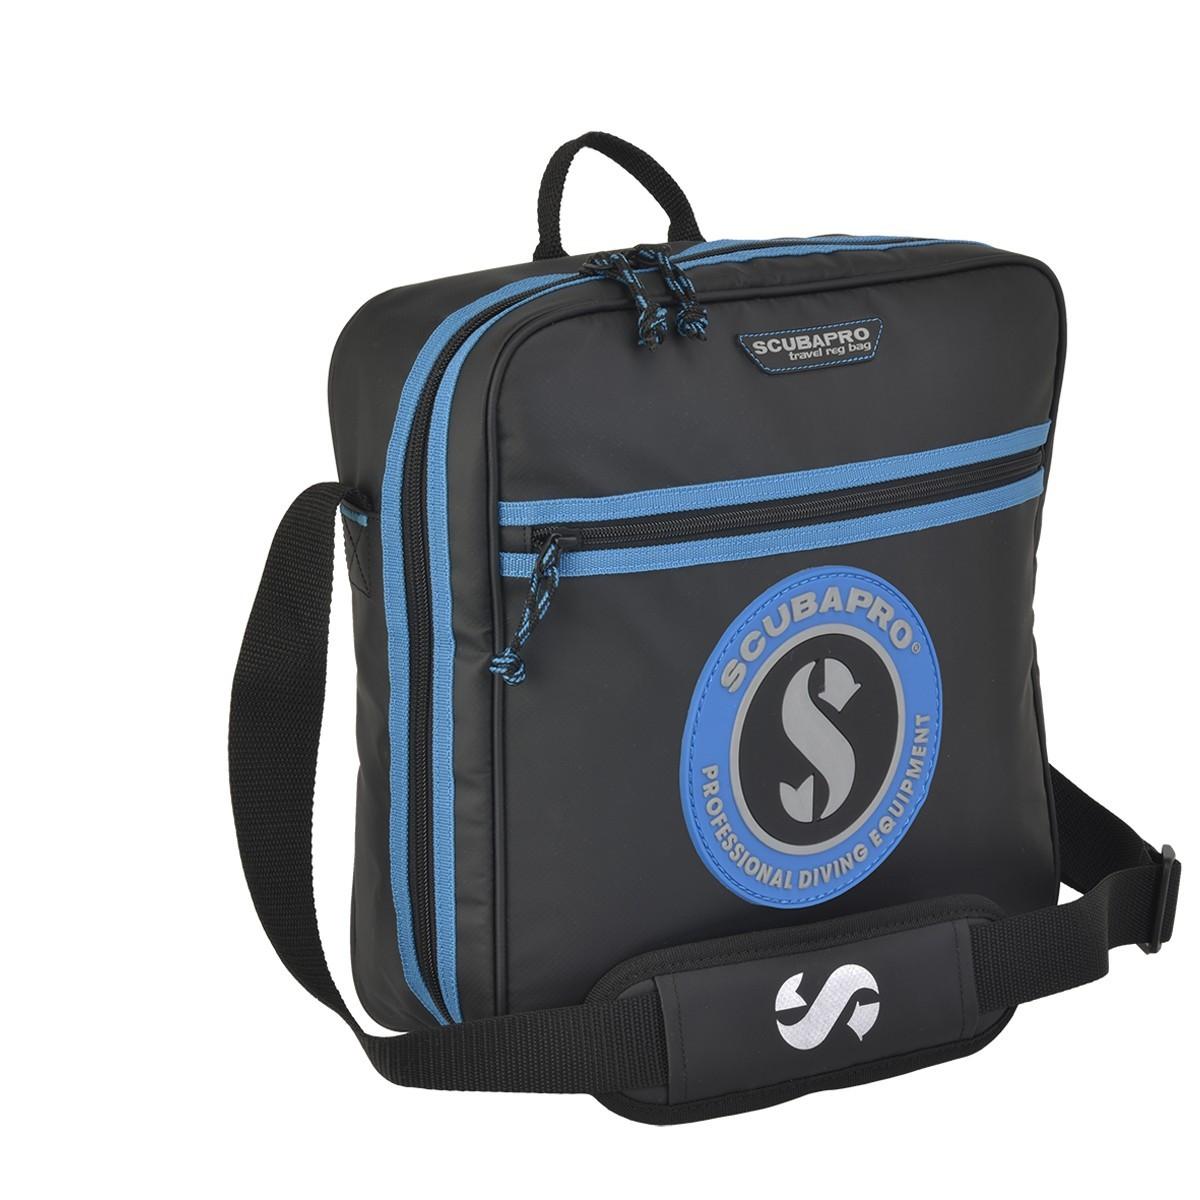 Scubapro Dive Regulator Vintage Traveller Bag